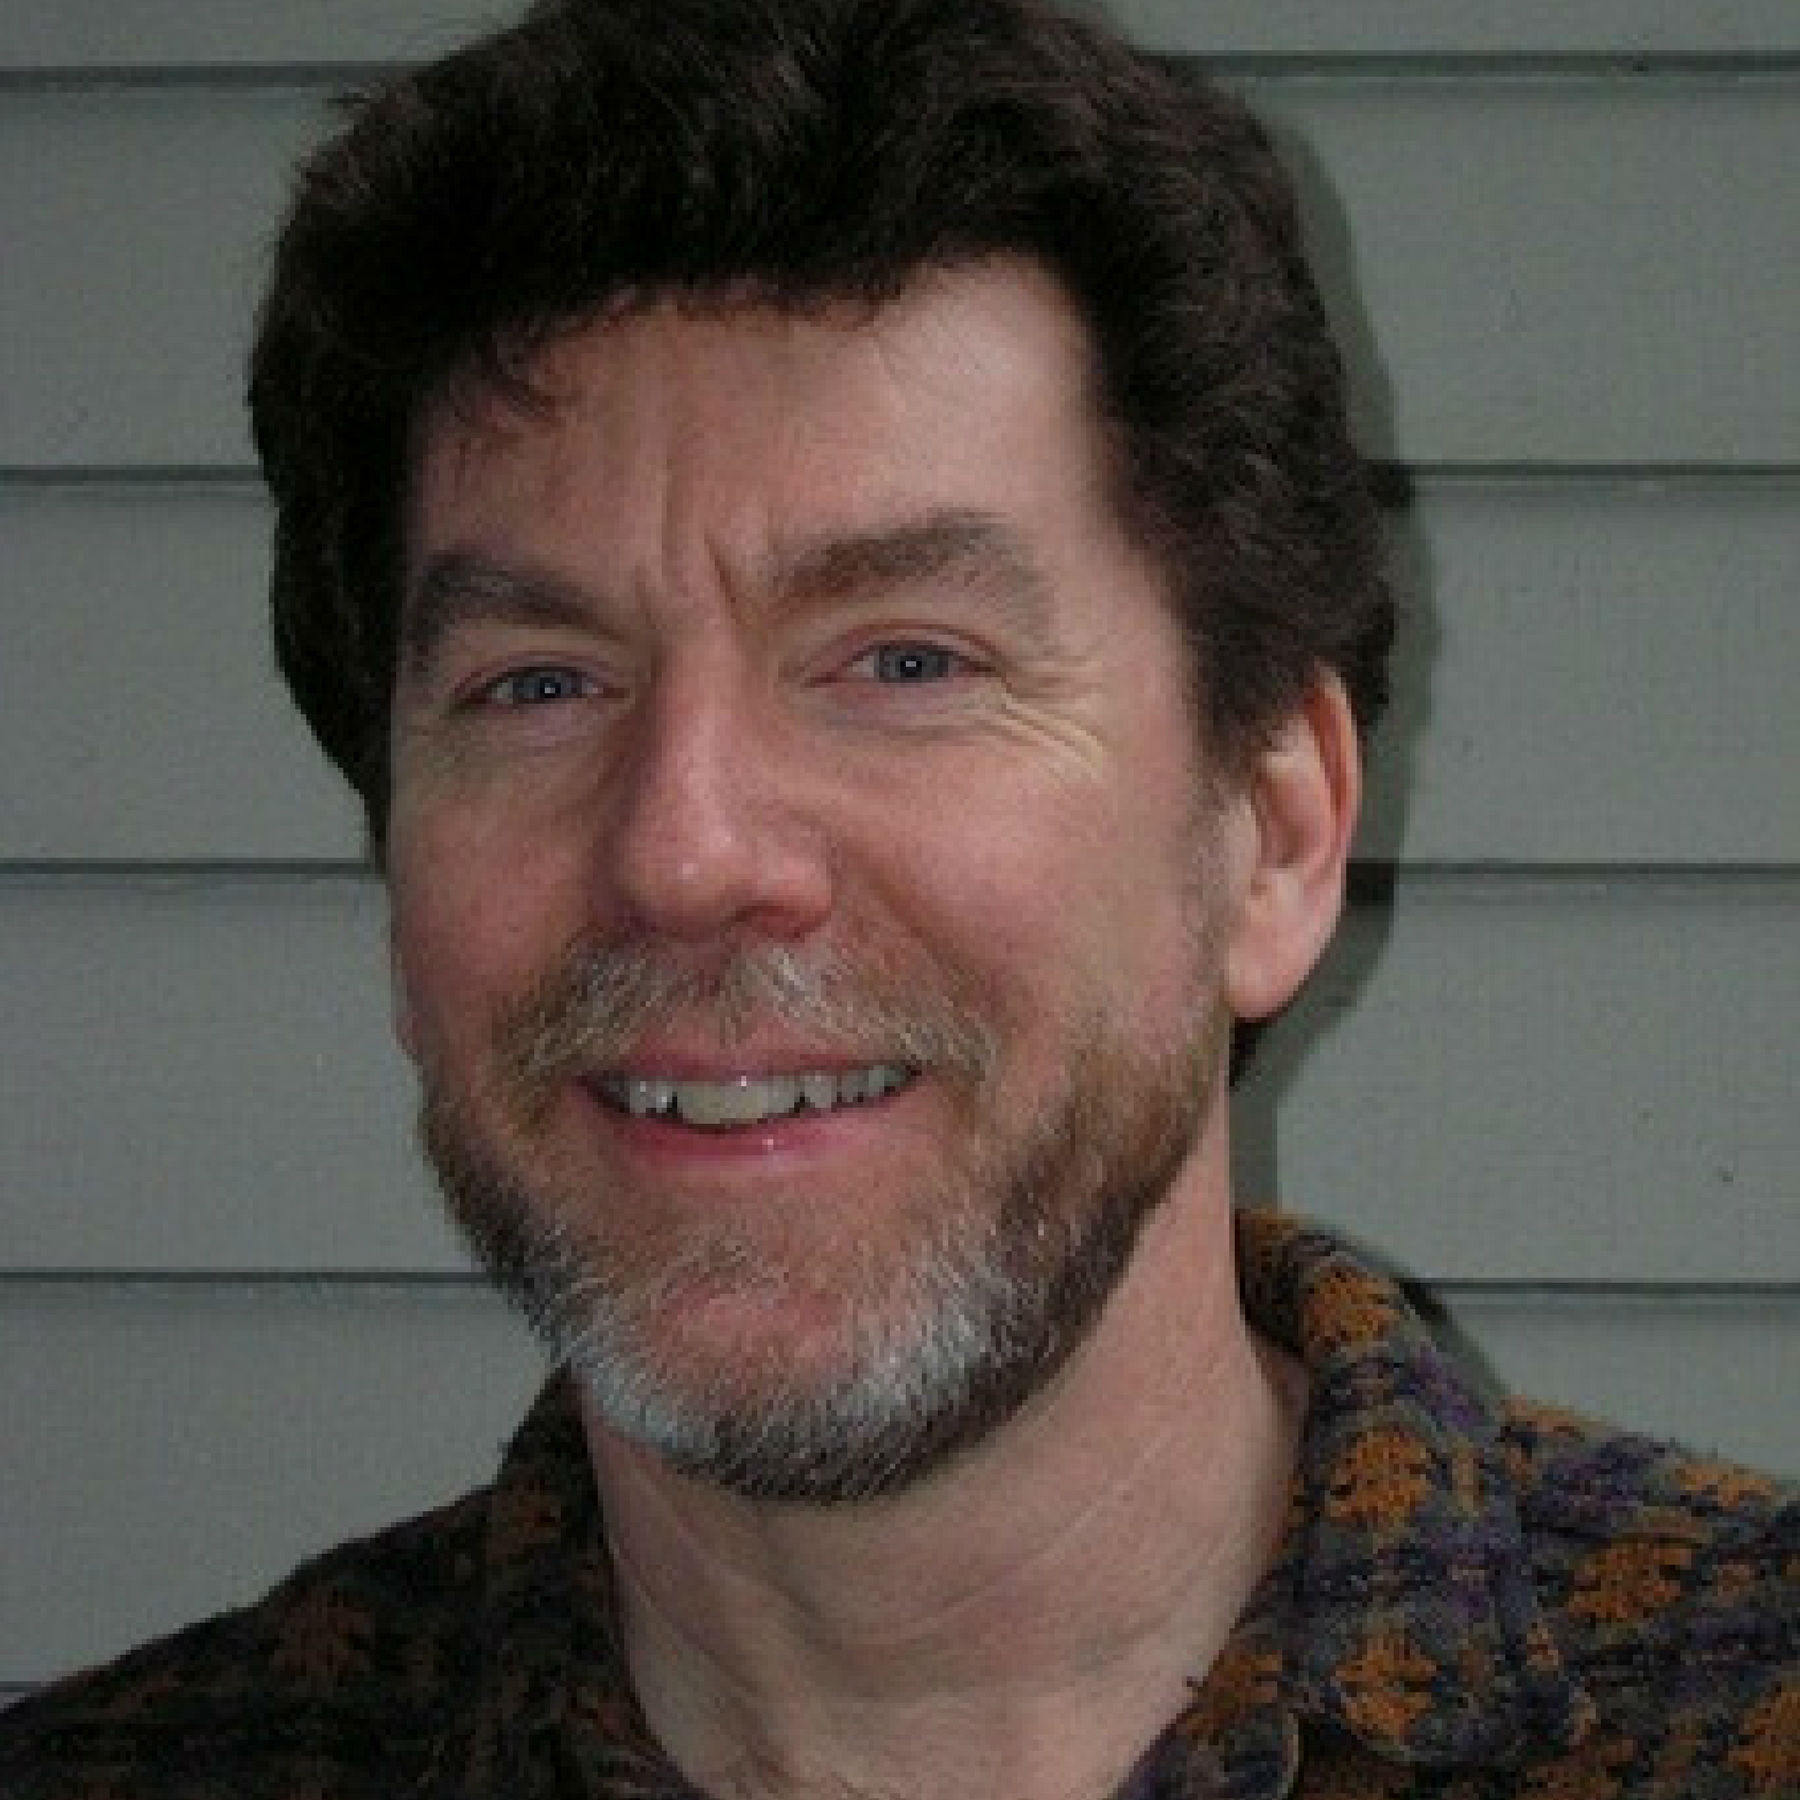 James McLindon